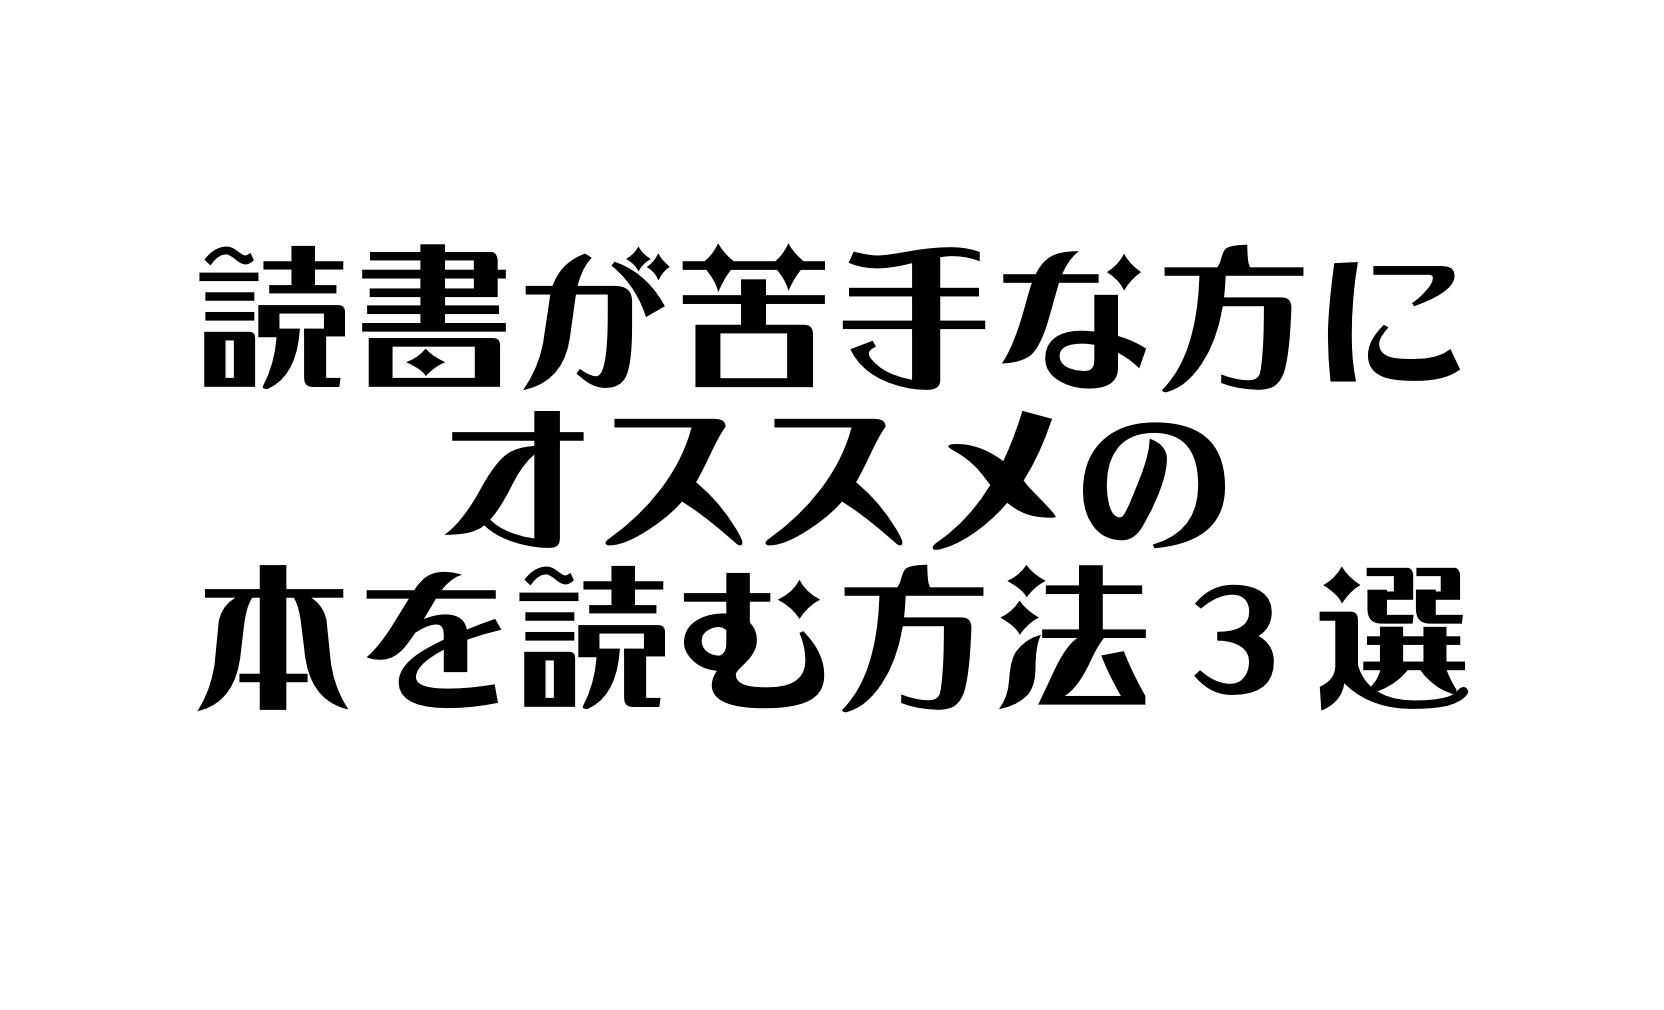 スクリーンショット 2018-10-28 17.19.02